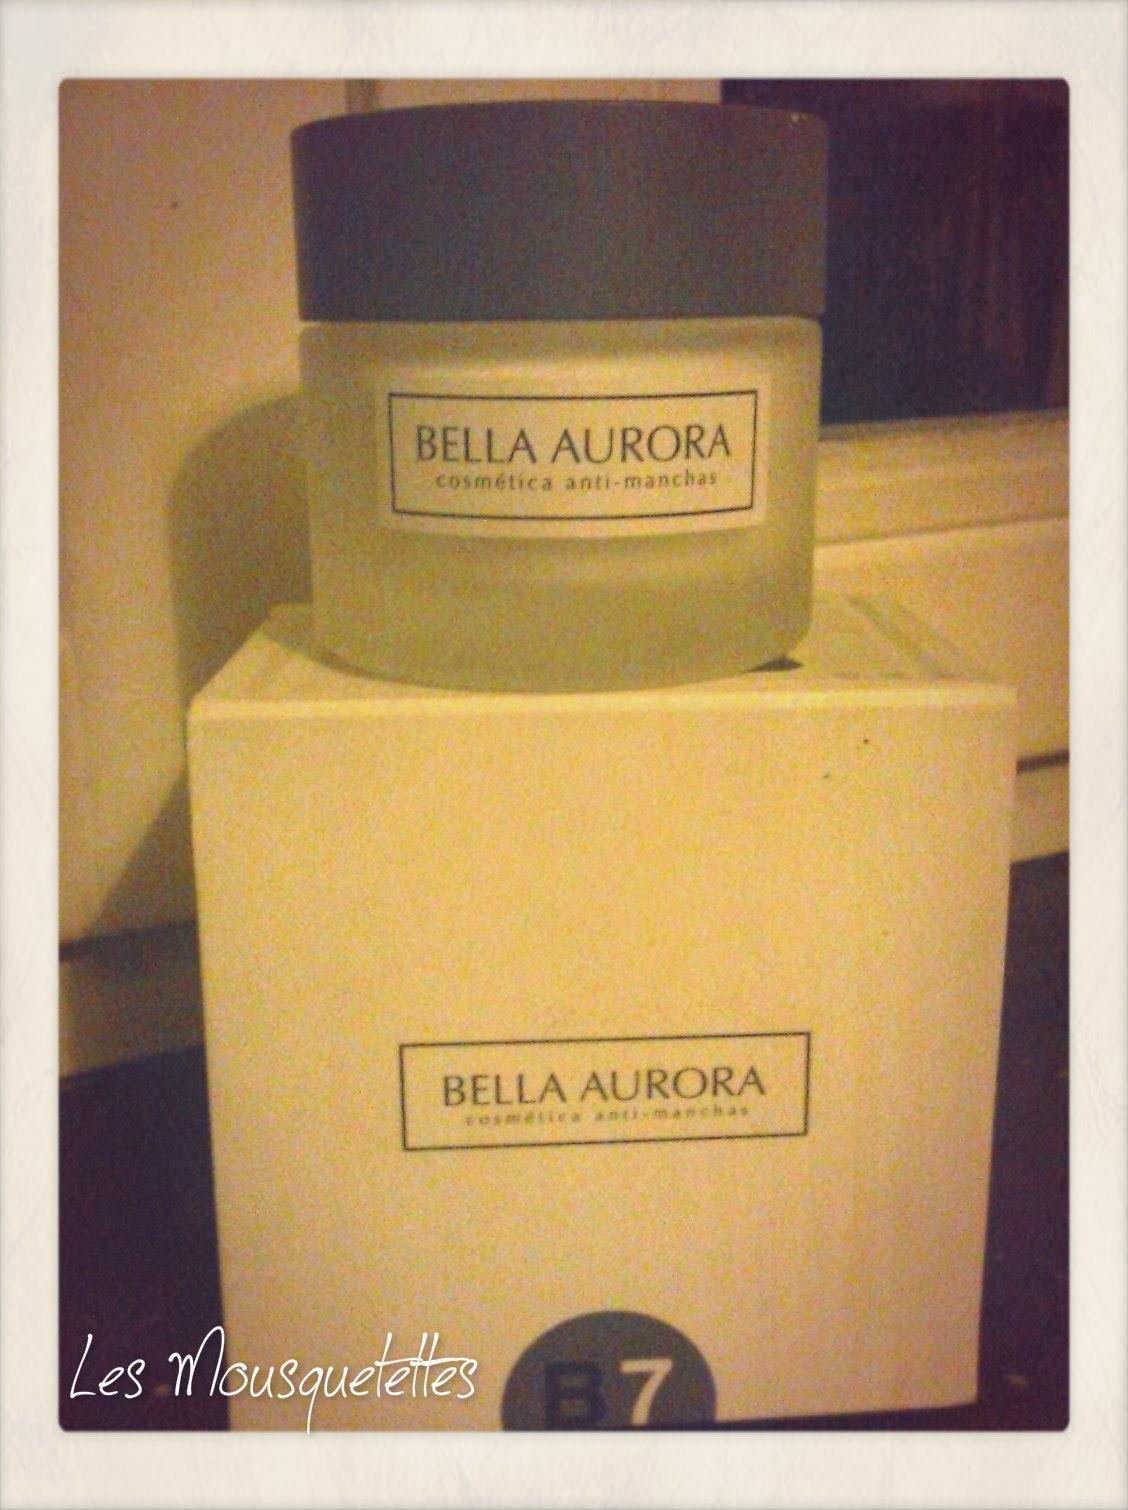 Crème B7 Bella Aurora - Les Mousquetettes©